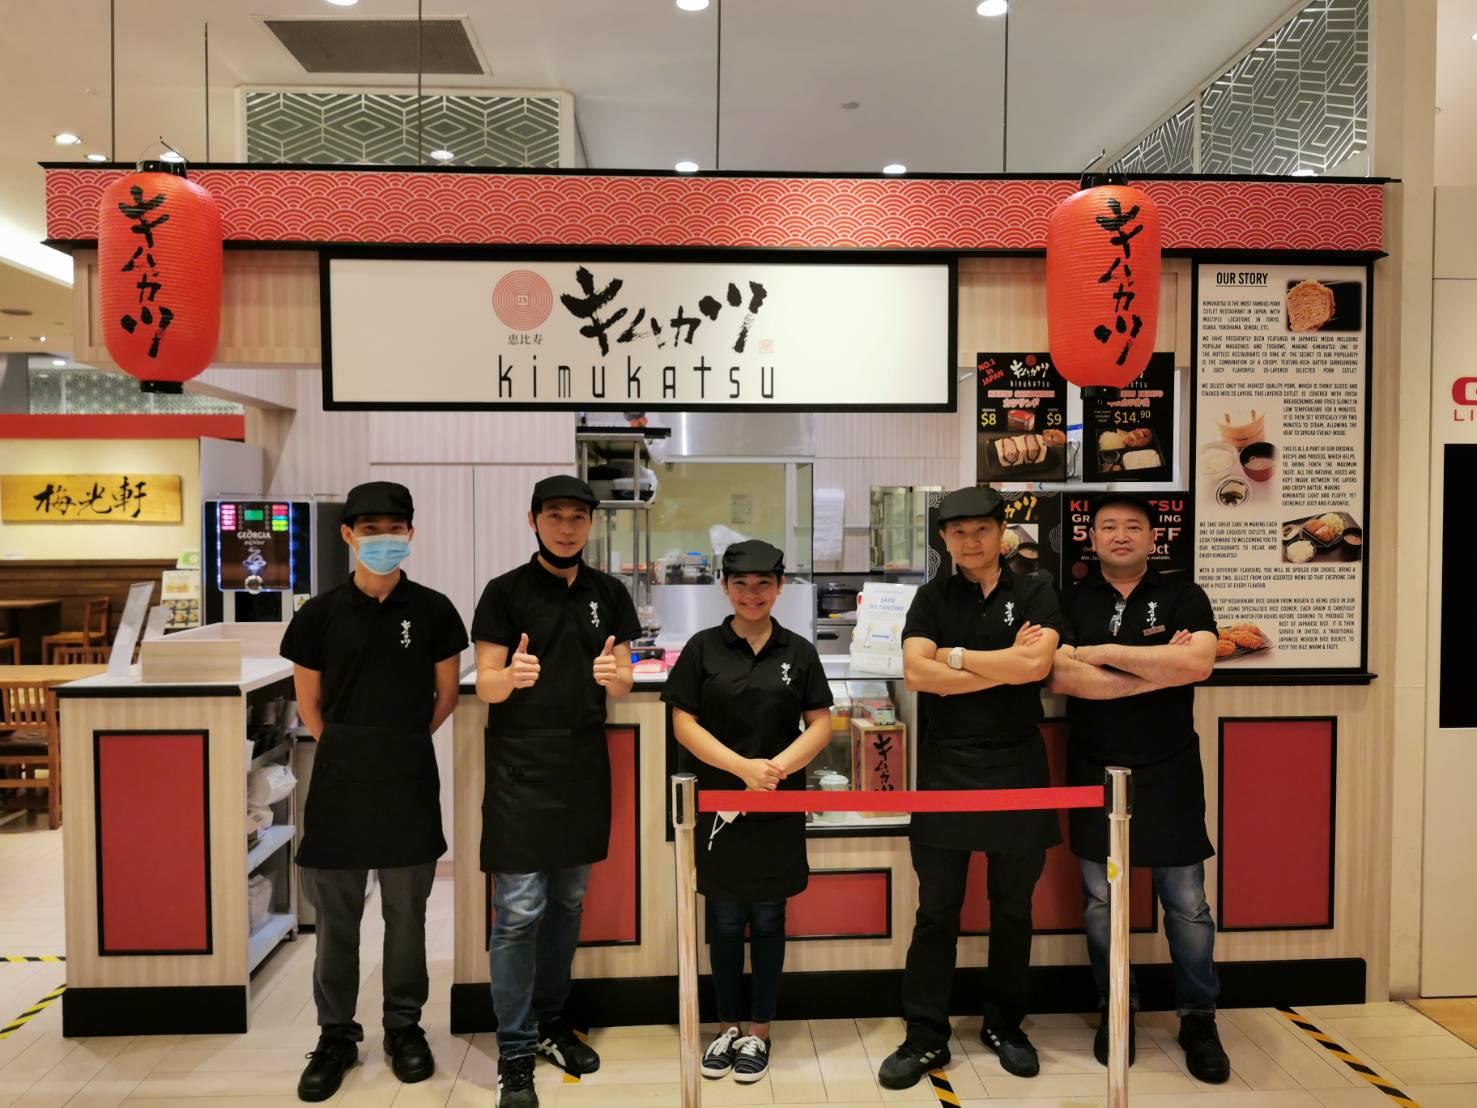 【シンガポール新店舗】Kimukatsu Takashimaya が10月14日にオープン致しました。